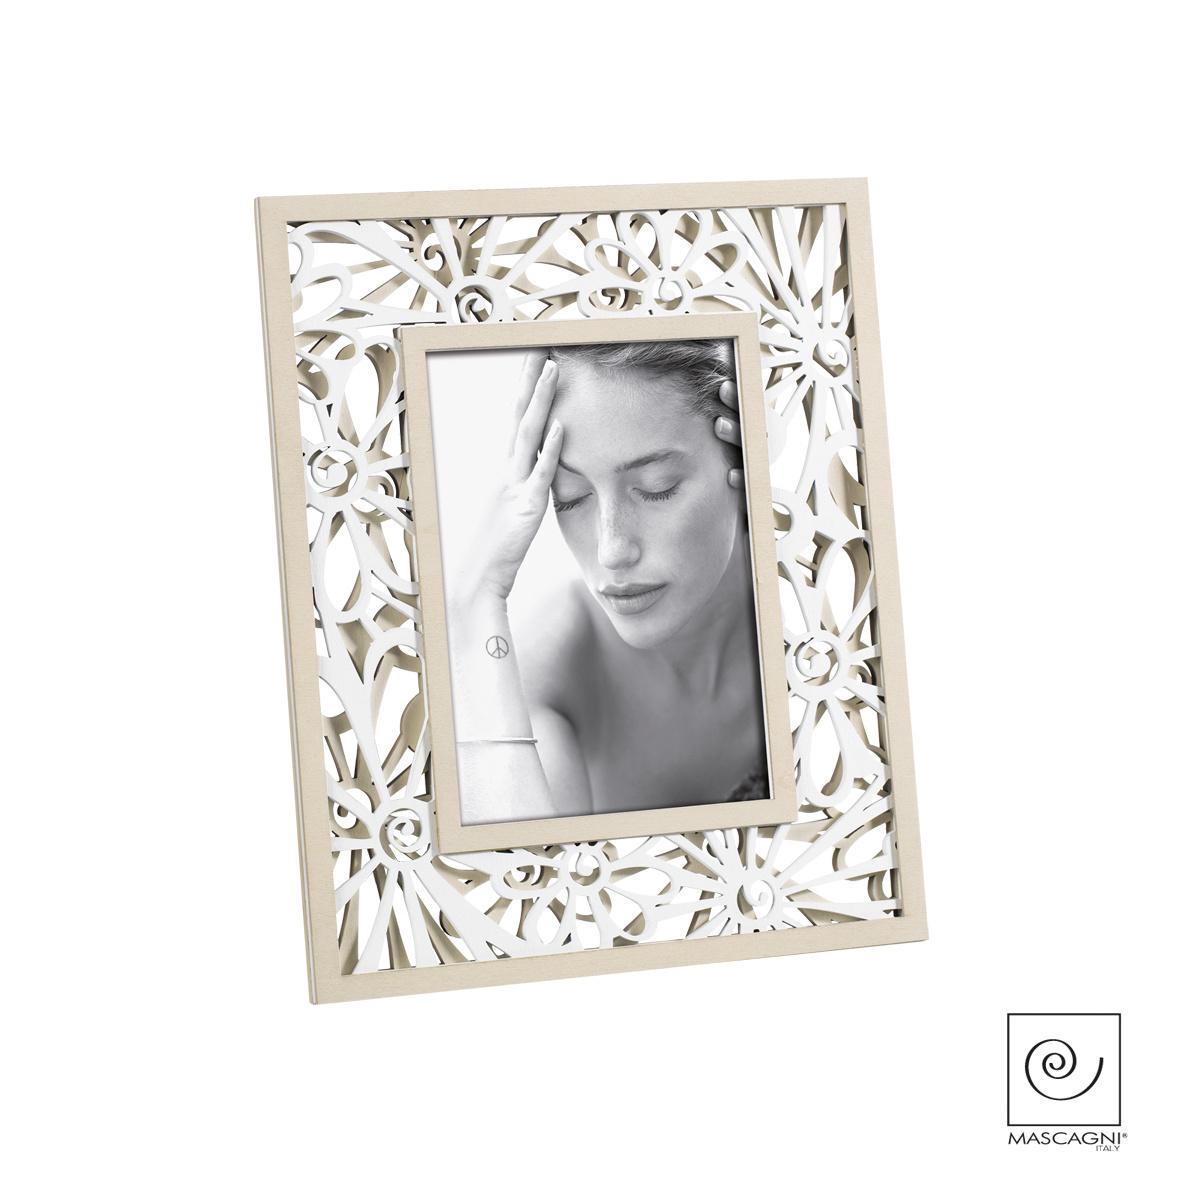 Art Mascagni A892 PHOTO FRAME 13X18 - COL.WHITE